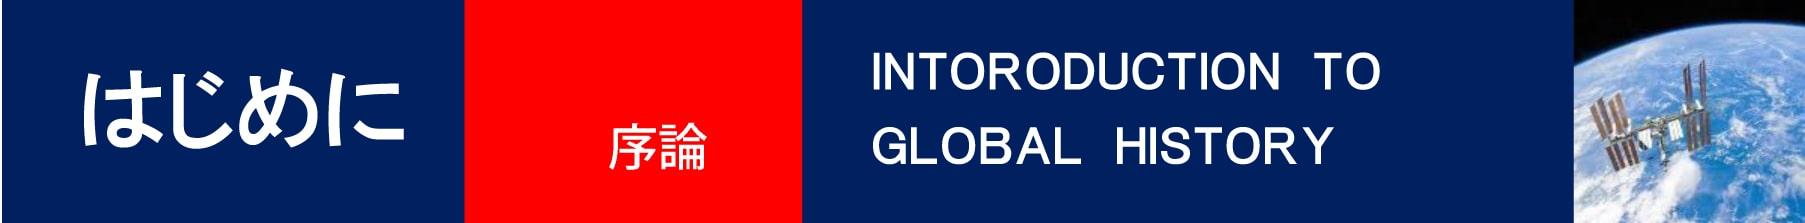 はじめに INTORODUCTION TO GLOBAL HISTORY